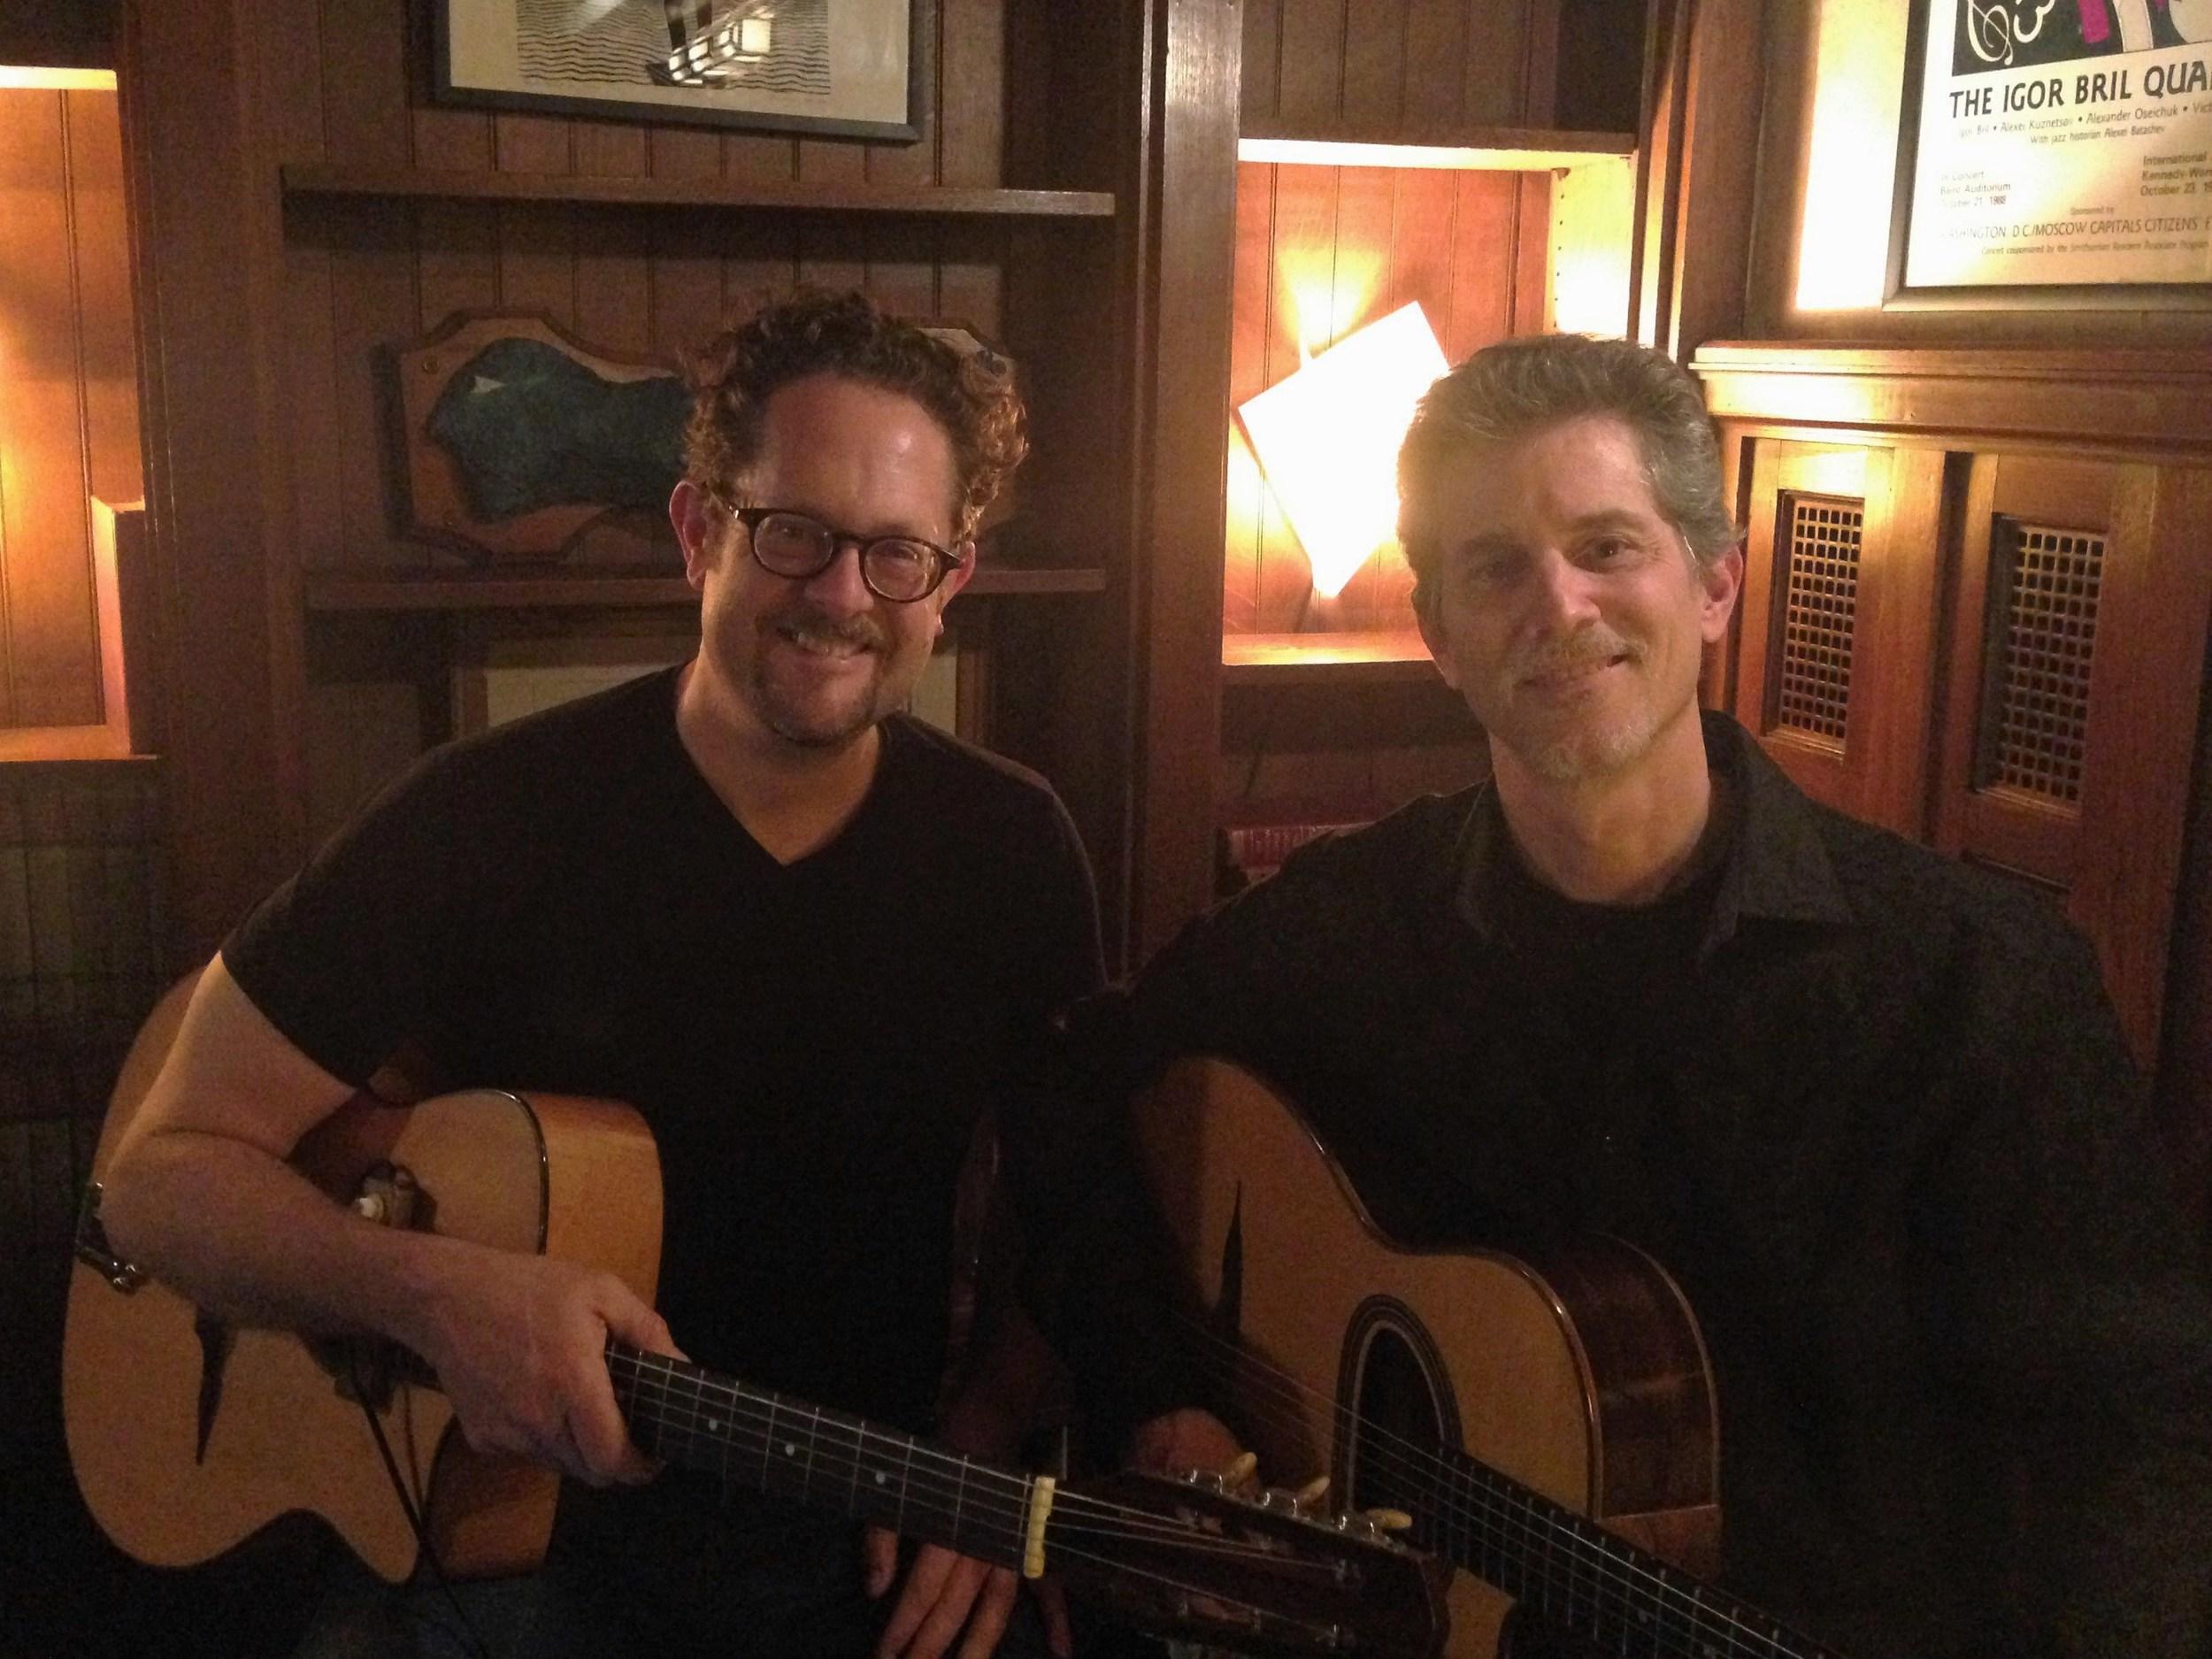 Gypsy Jazz with Michael Joseph Harris and Donato Soviero